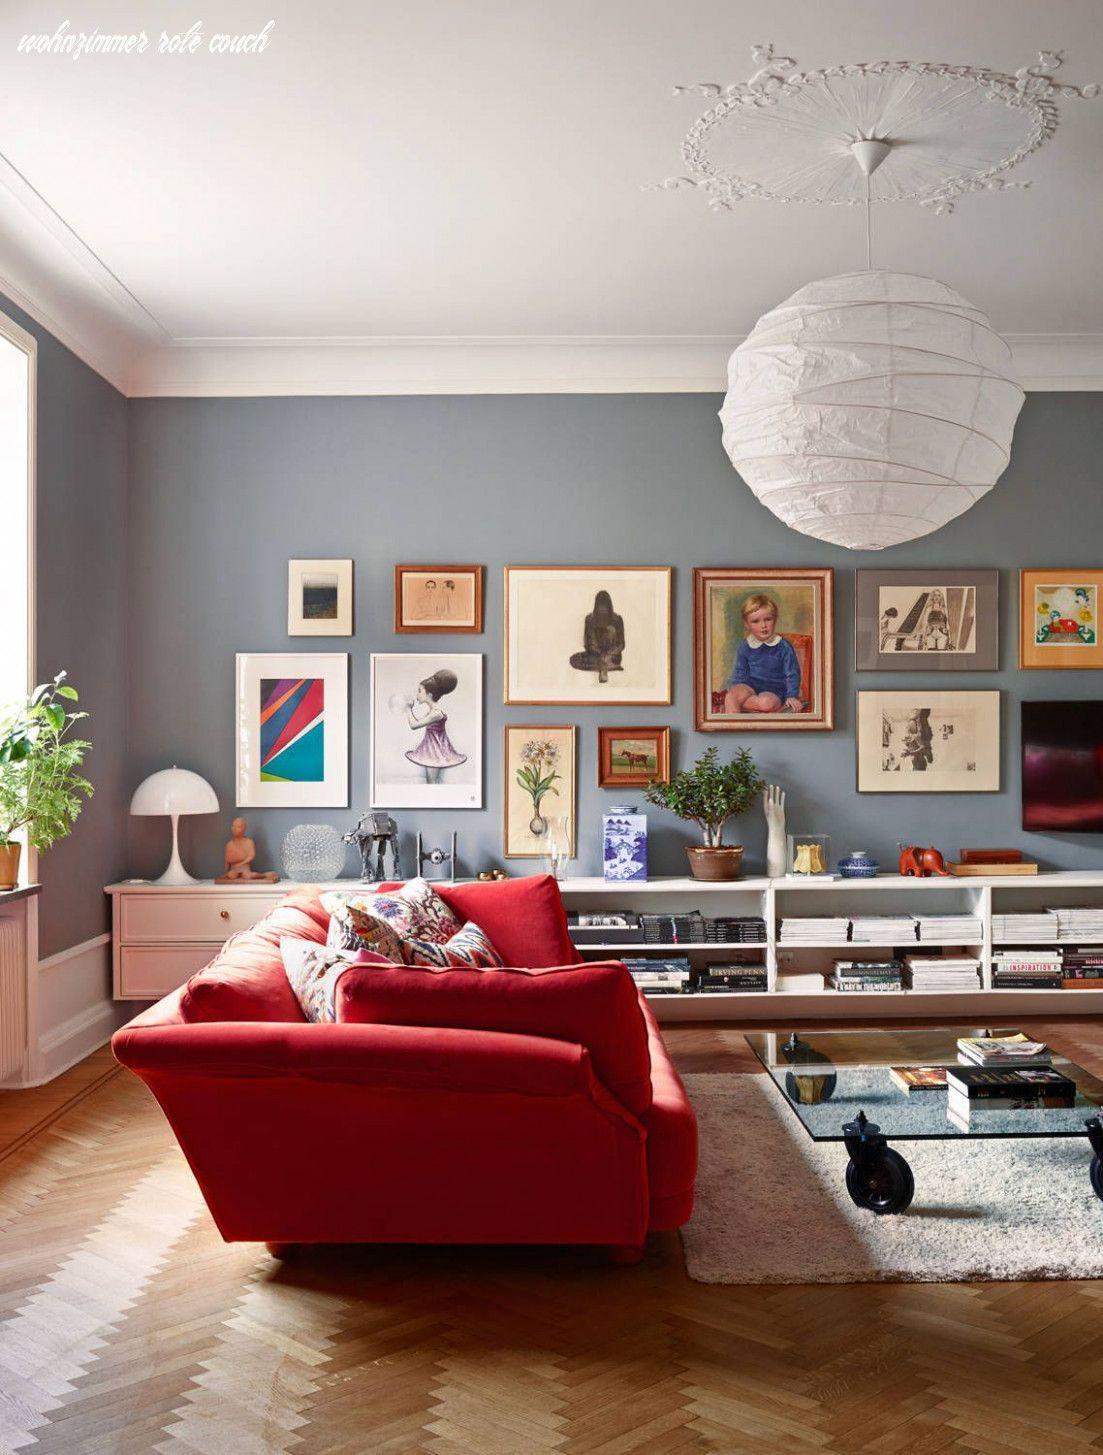 Zehn Gedanken, Die Sie Als Wohnzimmer Rote Couch-Ansätze Haben in